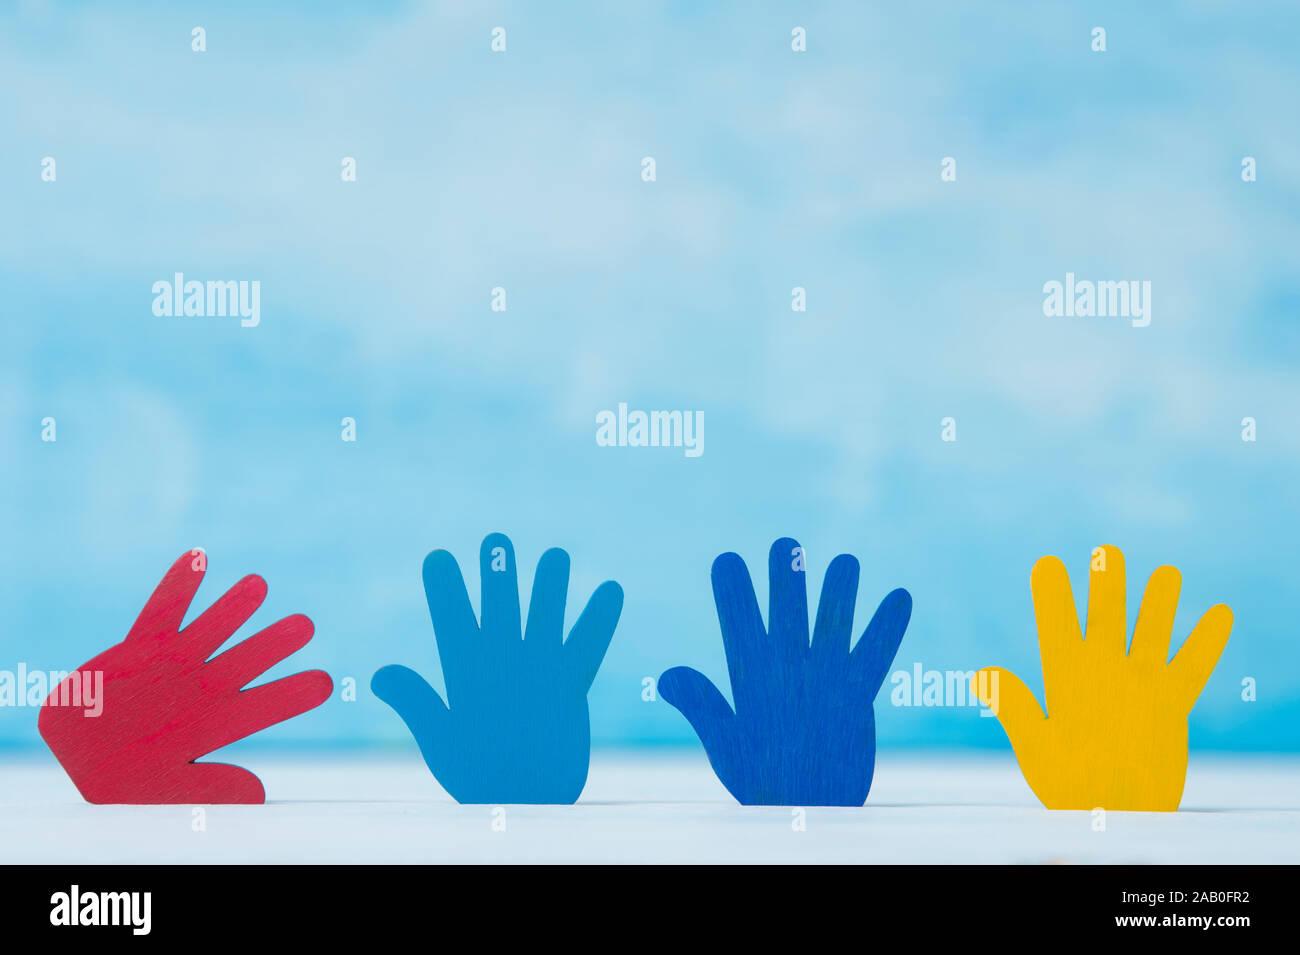 Bunte Rätsel Hände auf blauem Hintergrund. Welt Autismus Bewußtsein Tag Konzept Stockfoto